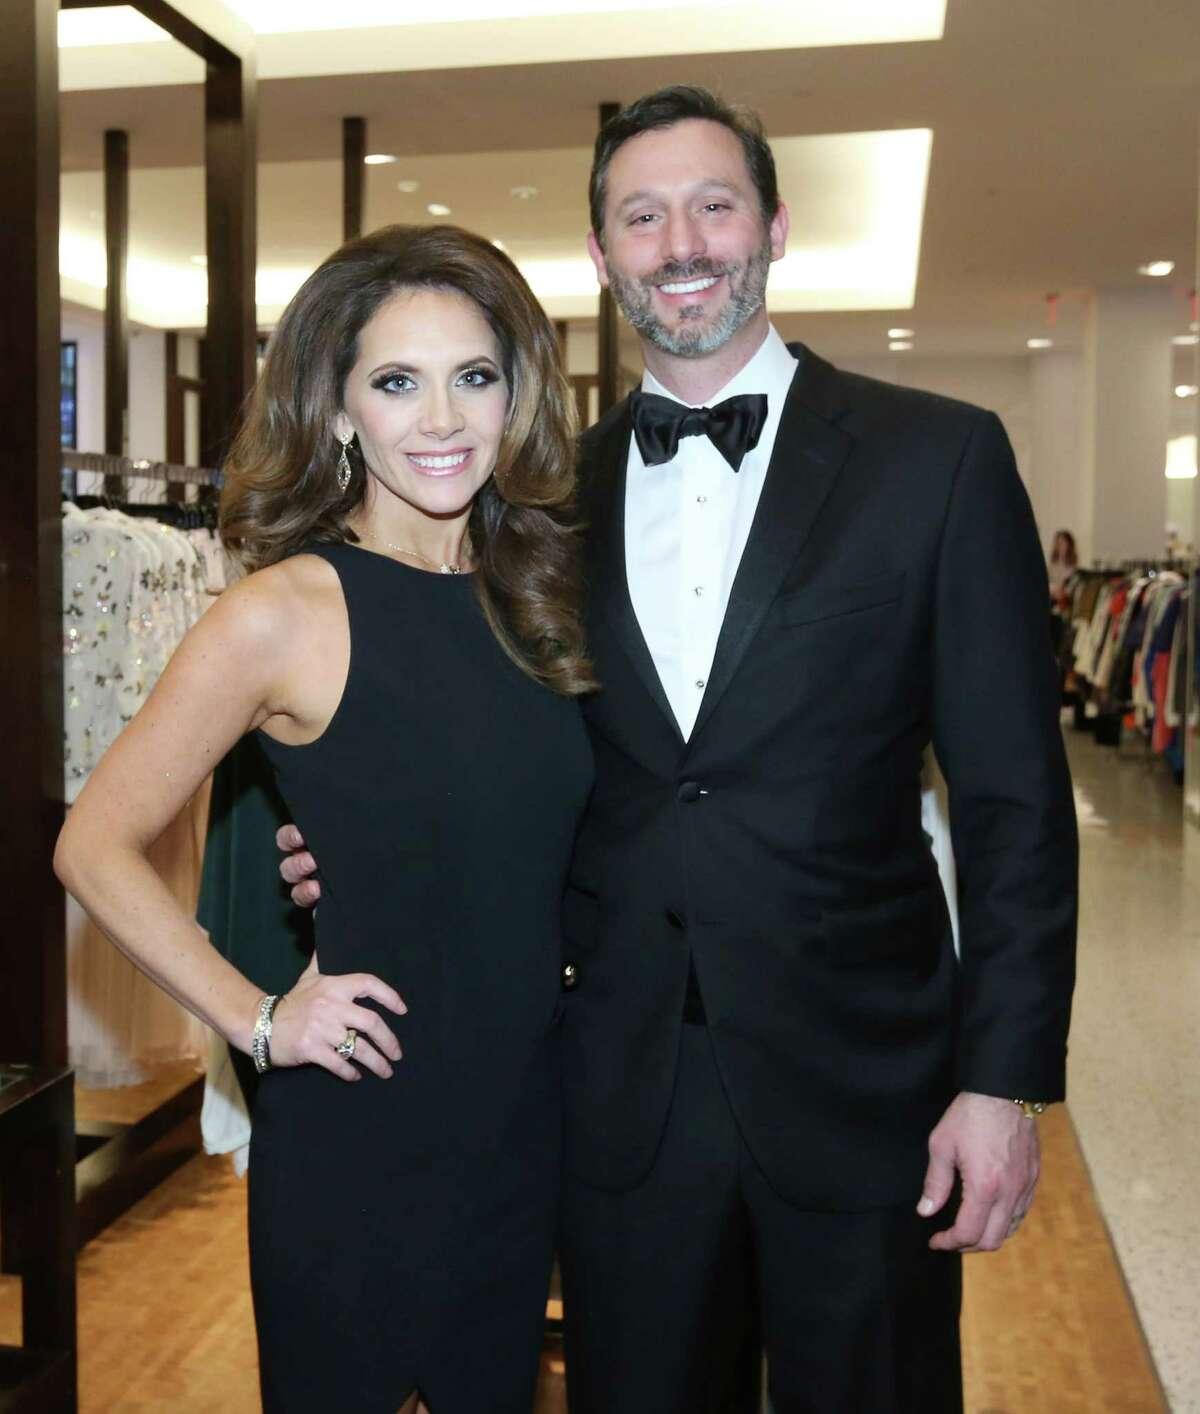 Joanna and Brad Marks